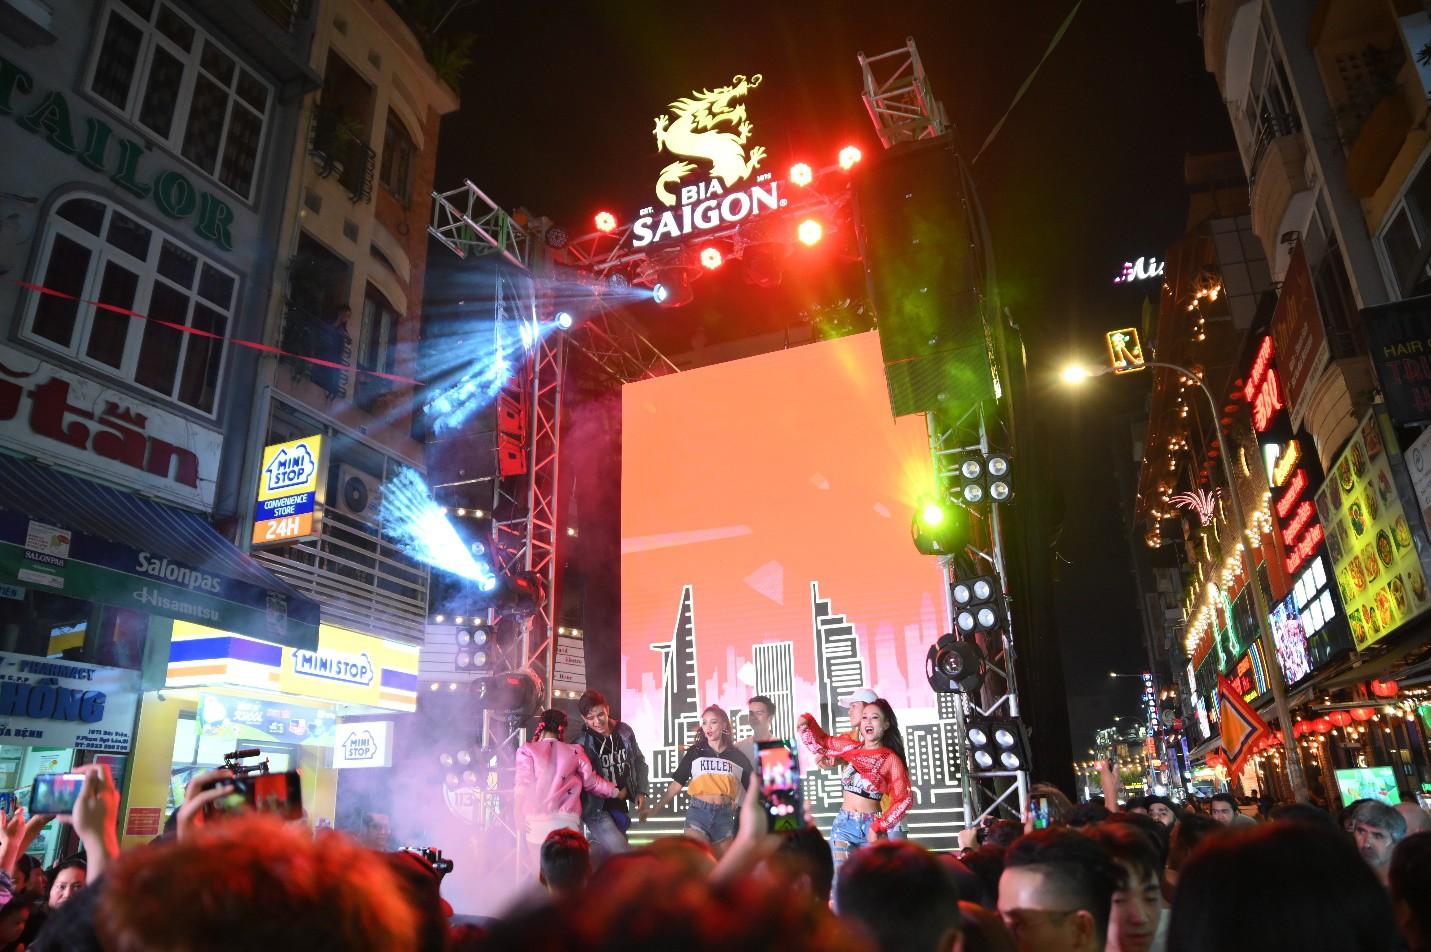 """Hàng nghìn bạn trẻ """"quẩy"""" hết mình tại sự kiện hoành tráng nhất tháng 8 mang tên """"Đêm Sài Gòn"""" - Ảnh 8."""